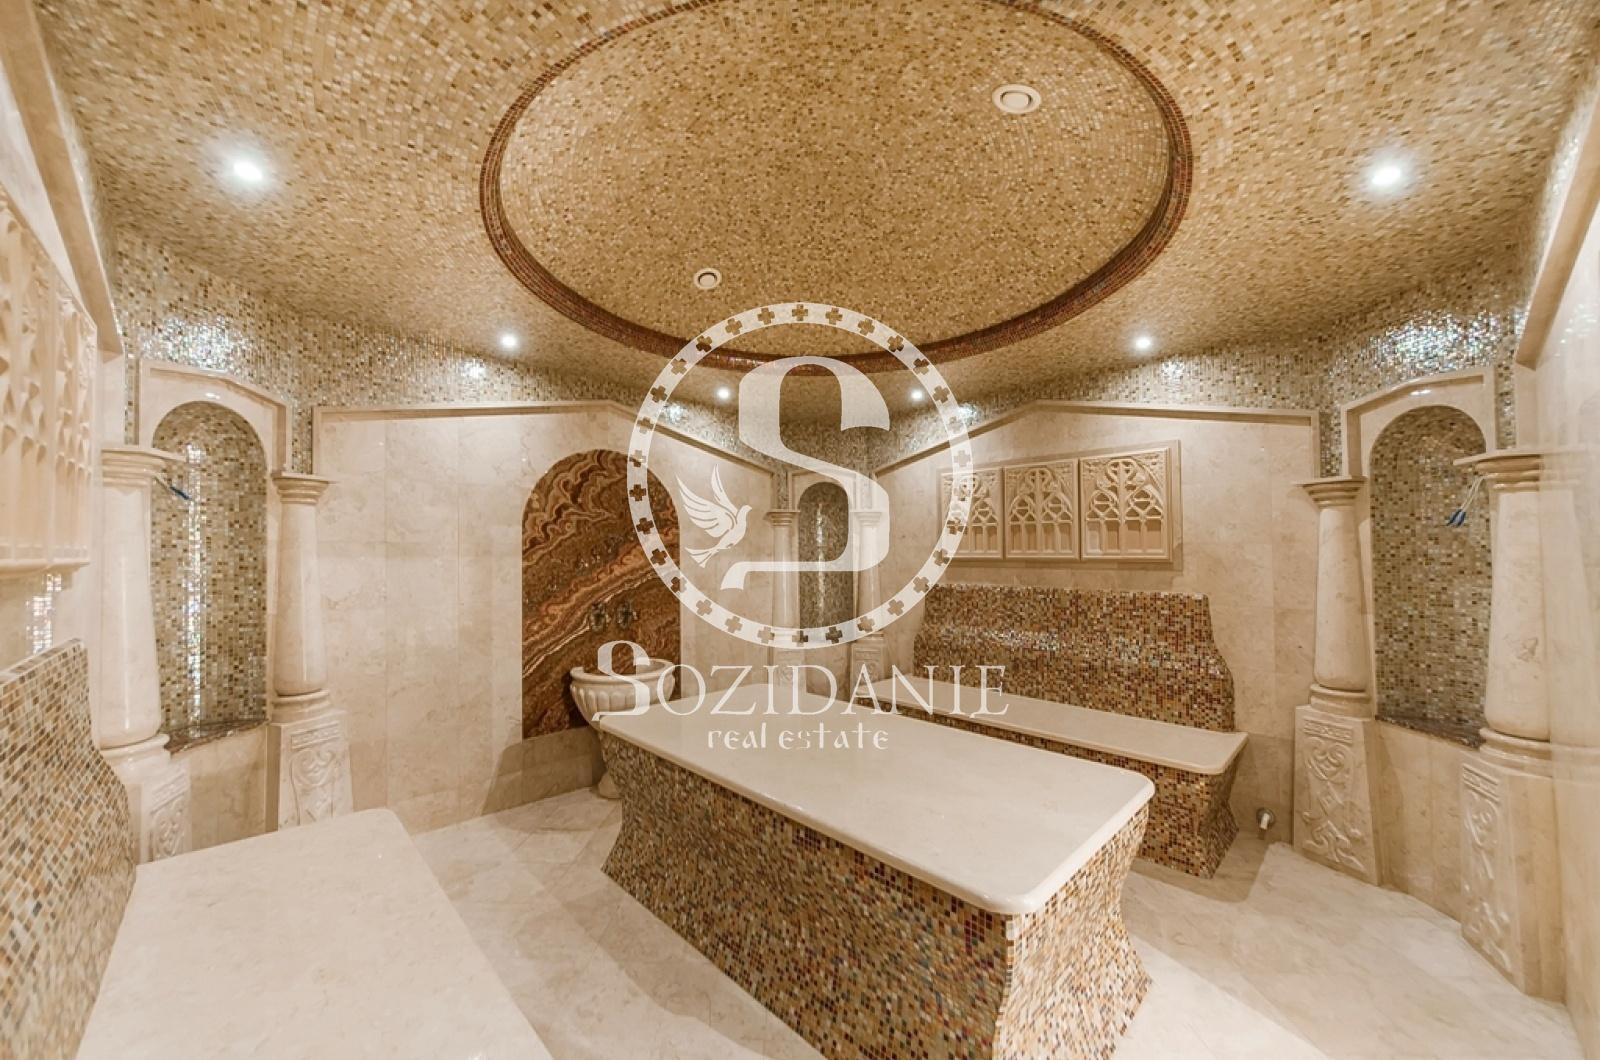 5 Bedrooms, Загородная, Продажа, Listing ID 1070, Московская область, Россия,